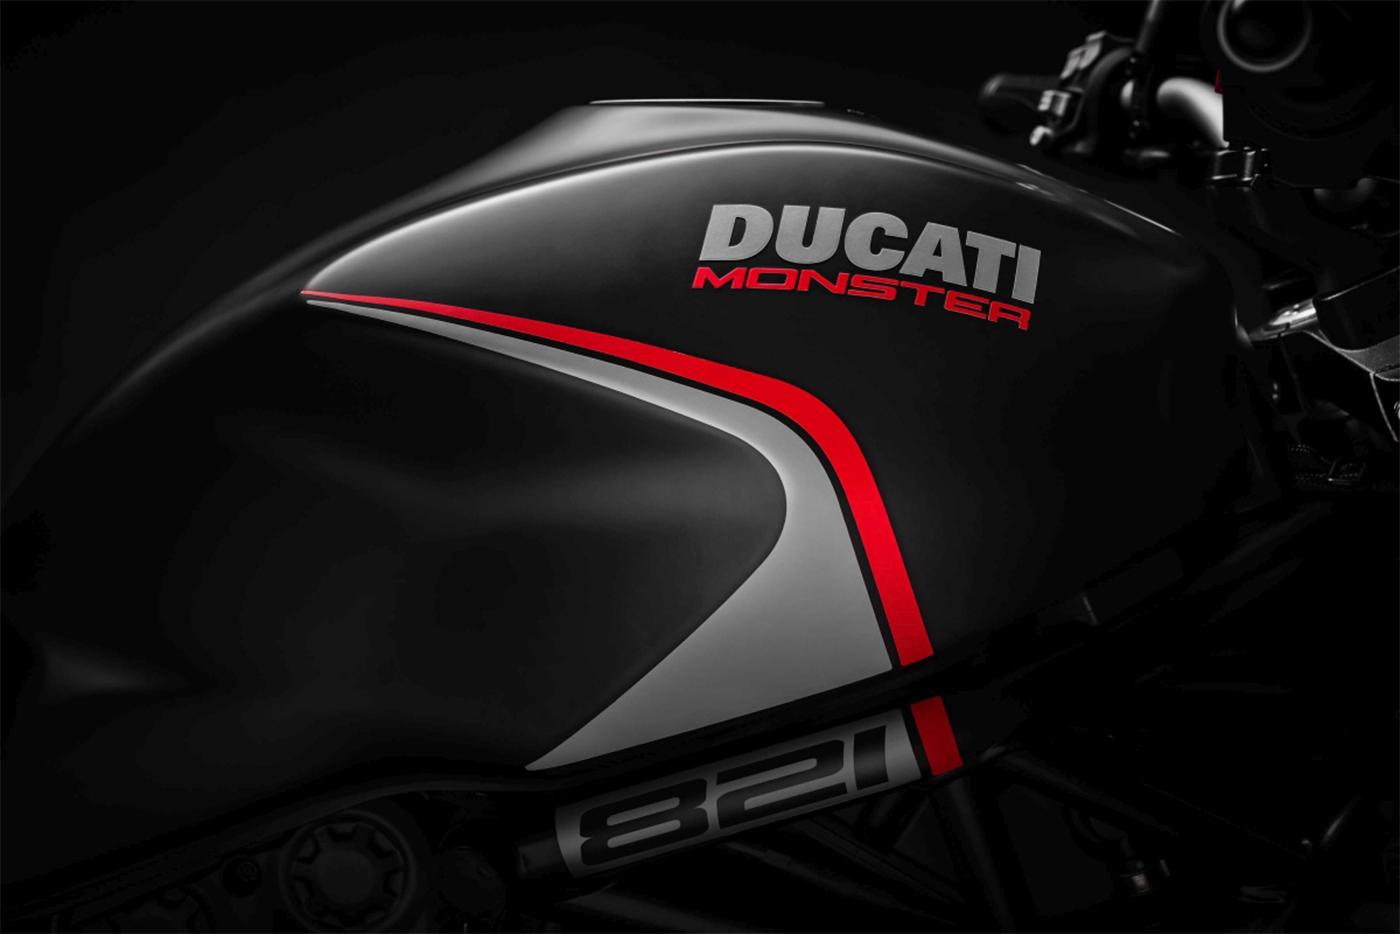 ducati-monster-821-stealth-6.jpg